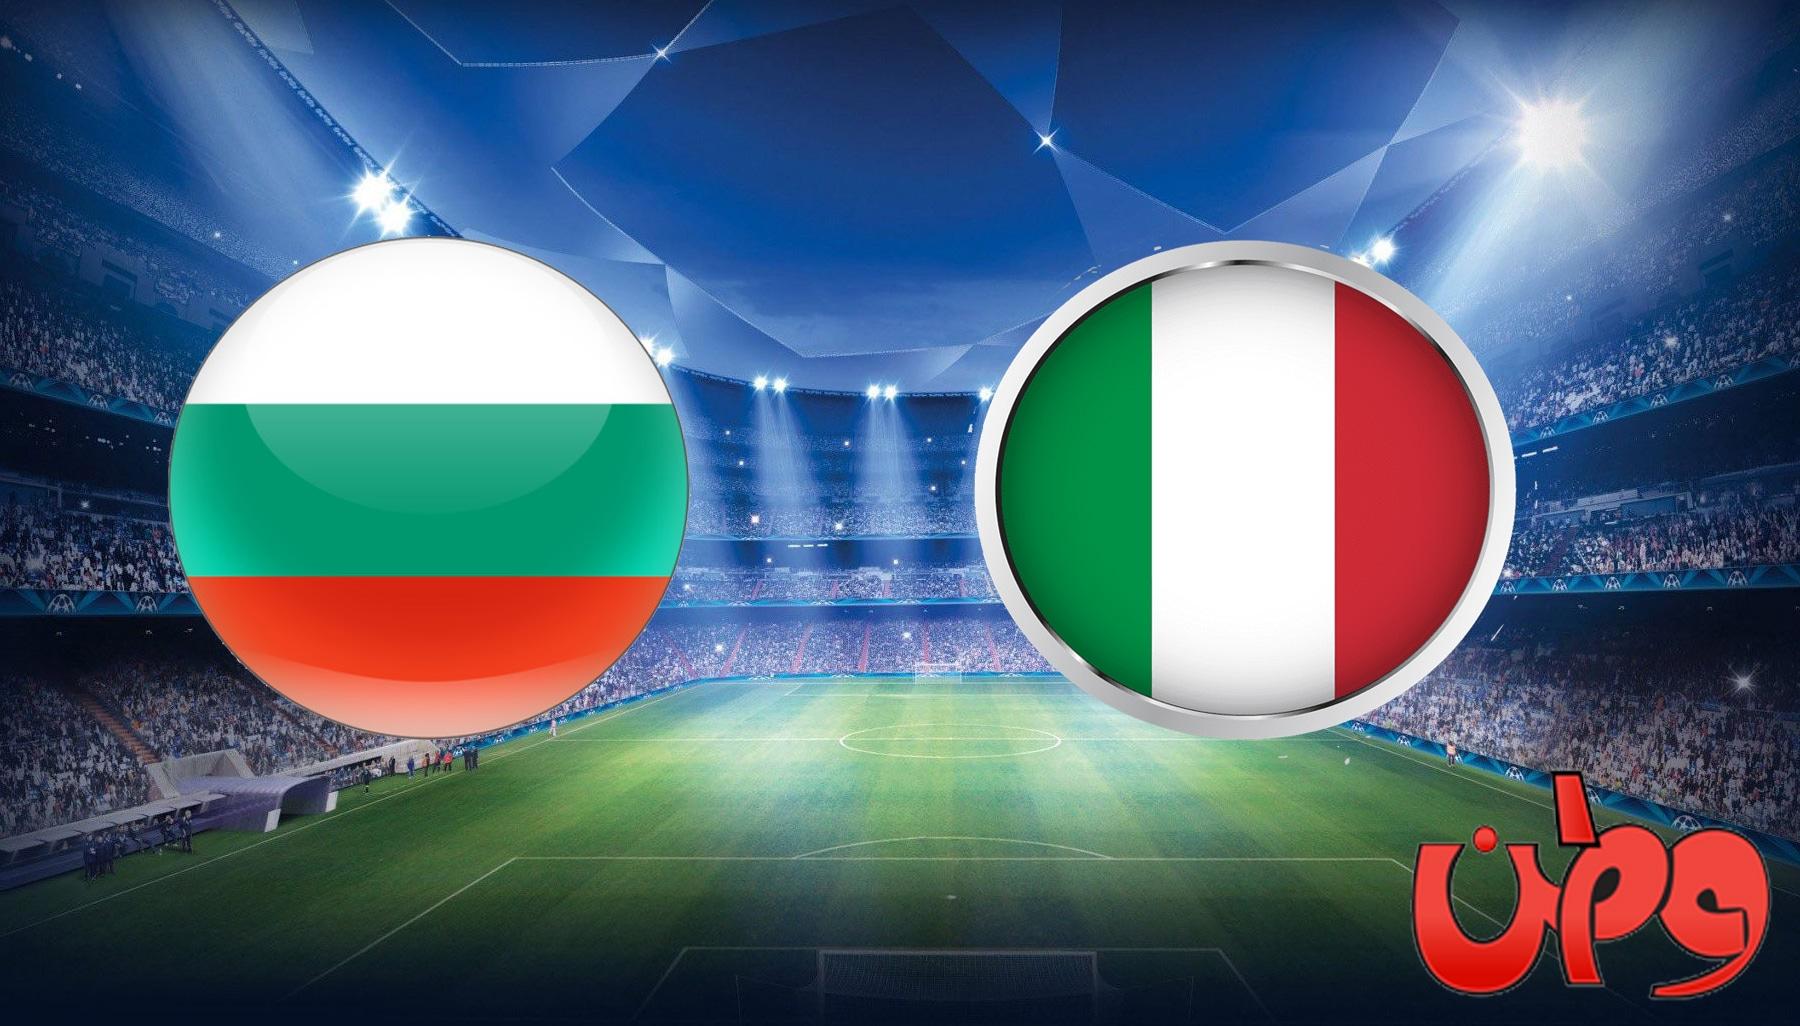 مباراة إيطاليا وبلغاريا في تصفيات أوروبا لمونديال كأس العالم 2022